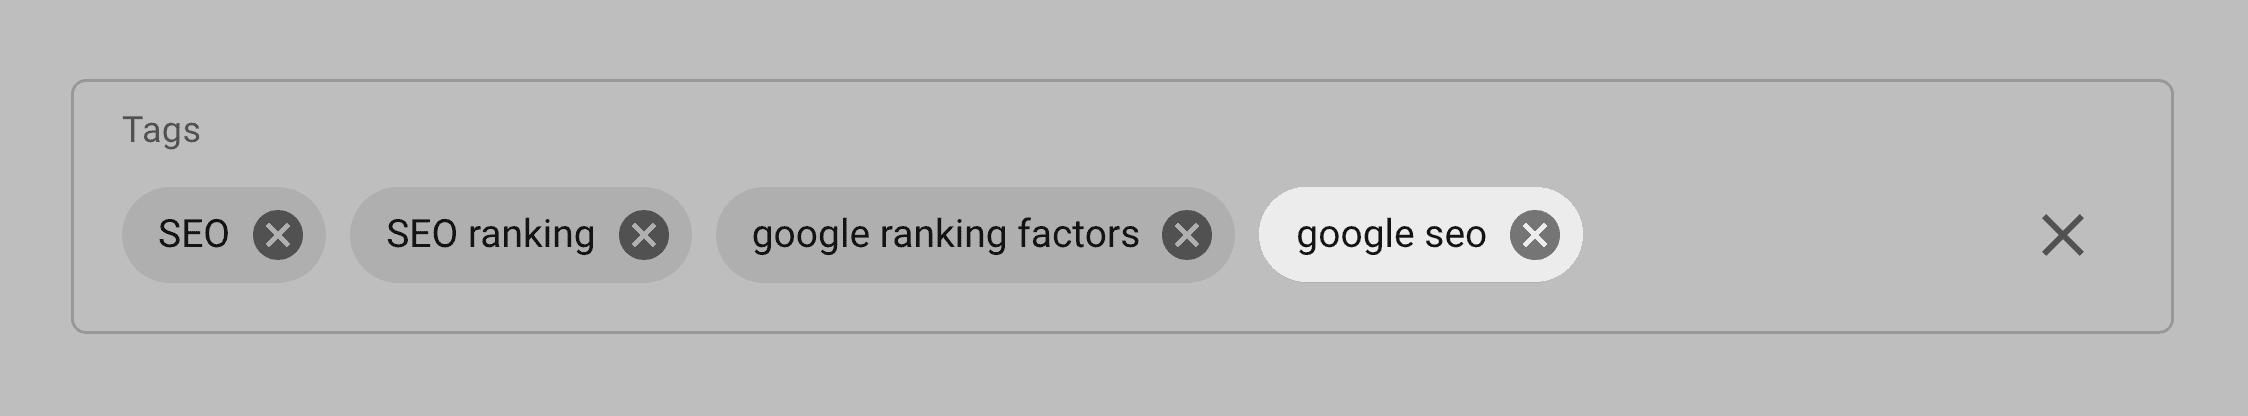 Add term as a tag